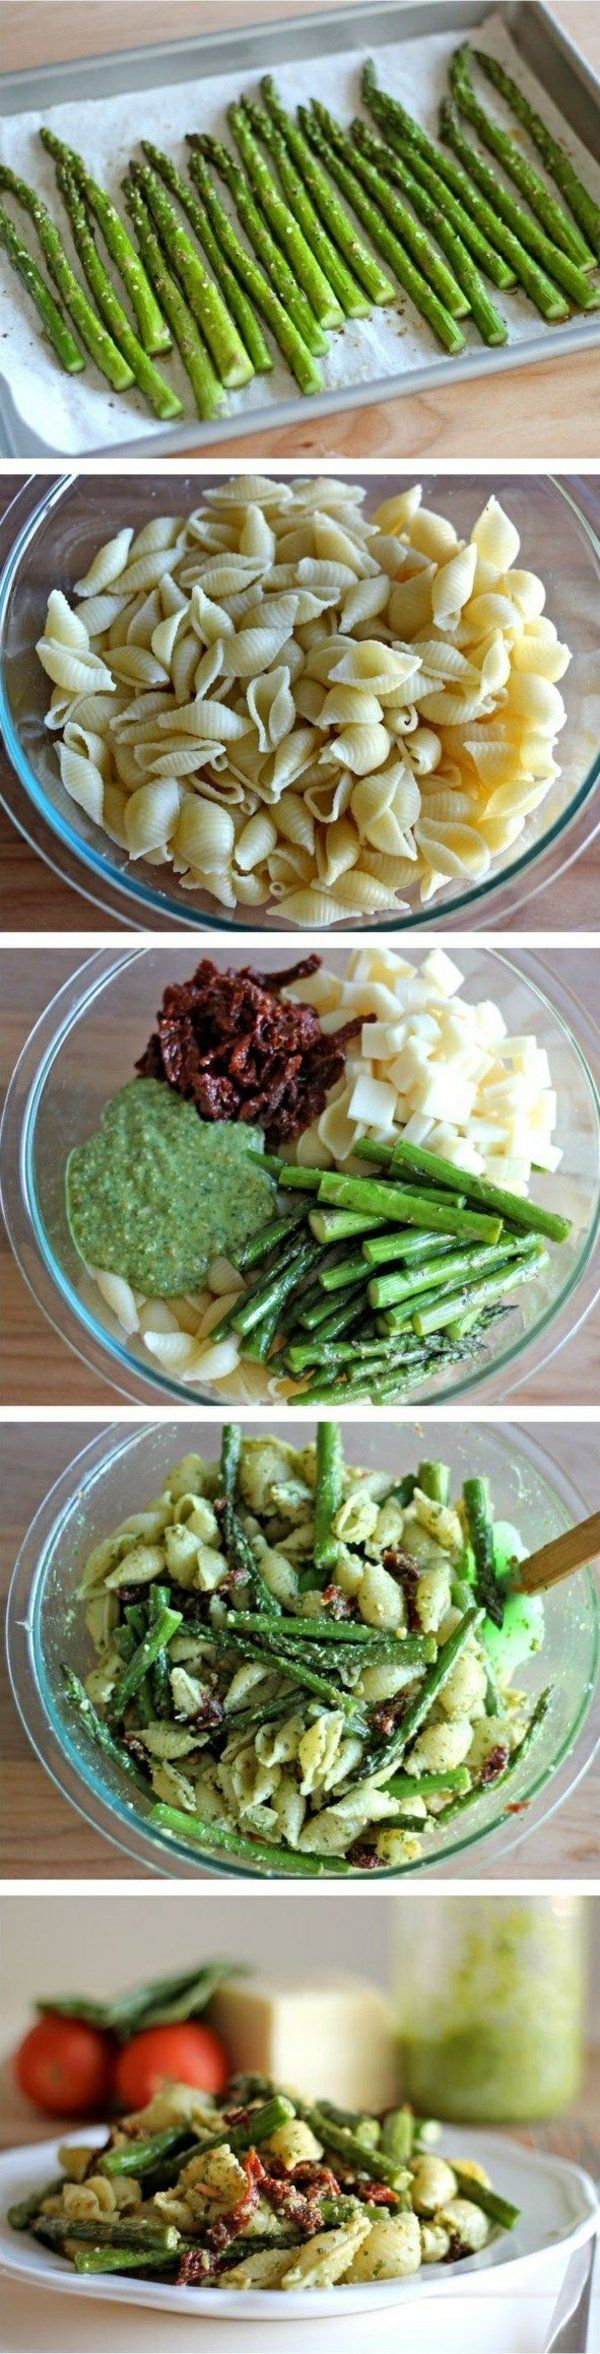 spargelgerichte - spargel-salat mit nudeln